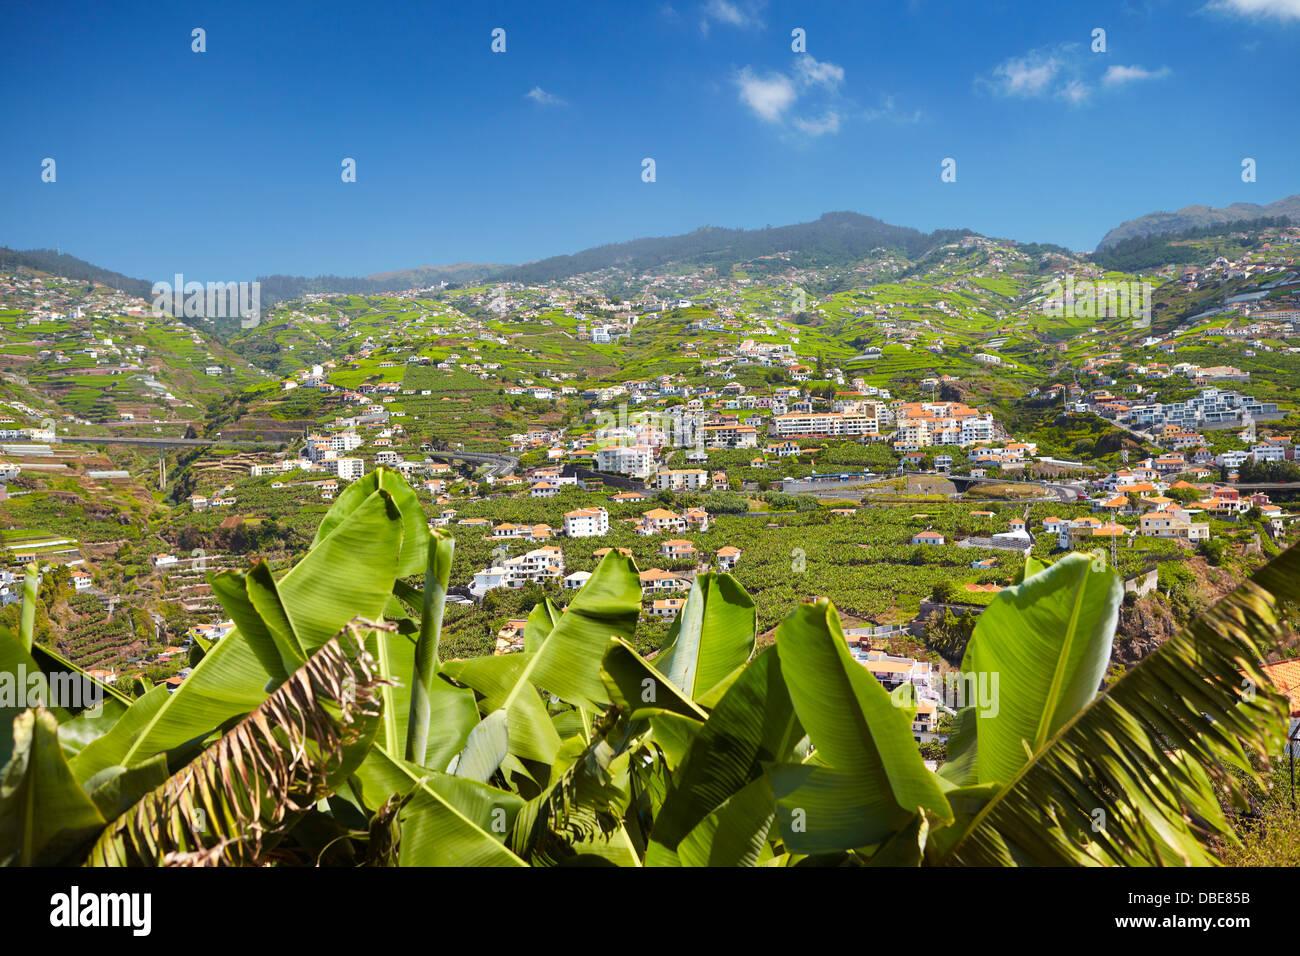 Banana plants cultivation - Camara de Lobos, Madeira Island, Portugal - Stock Image